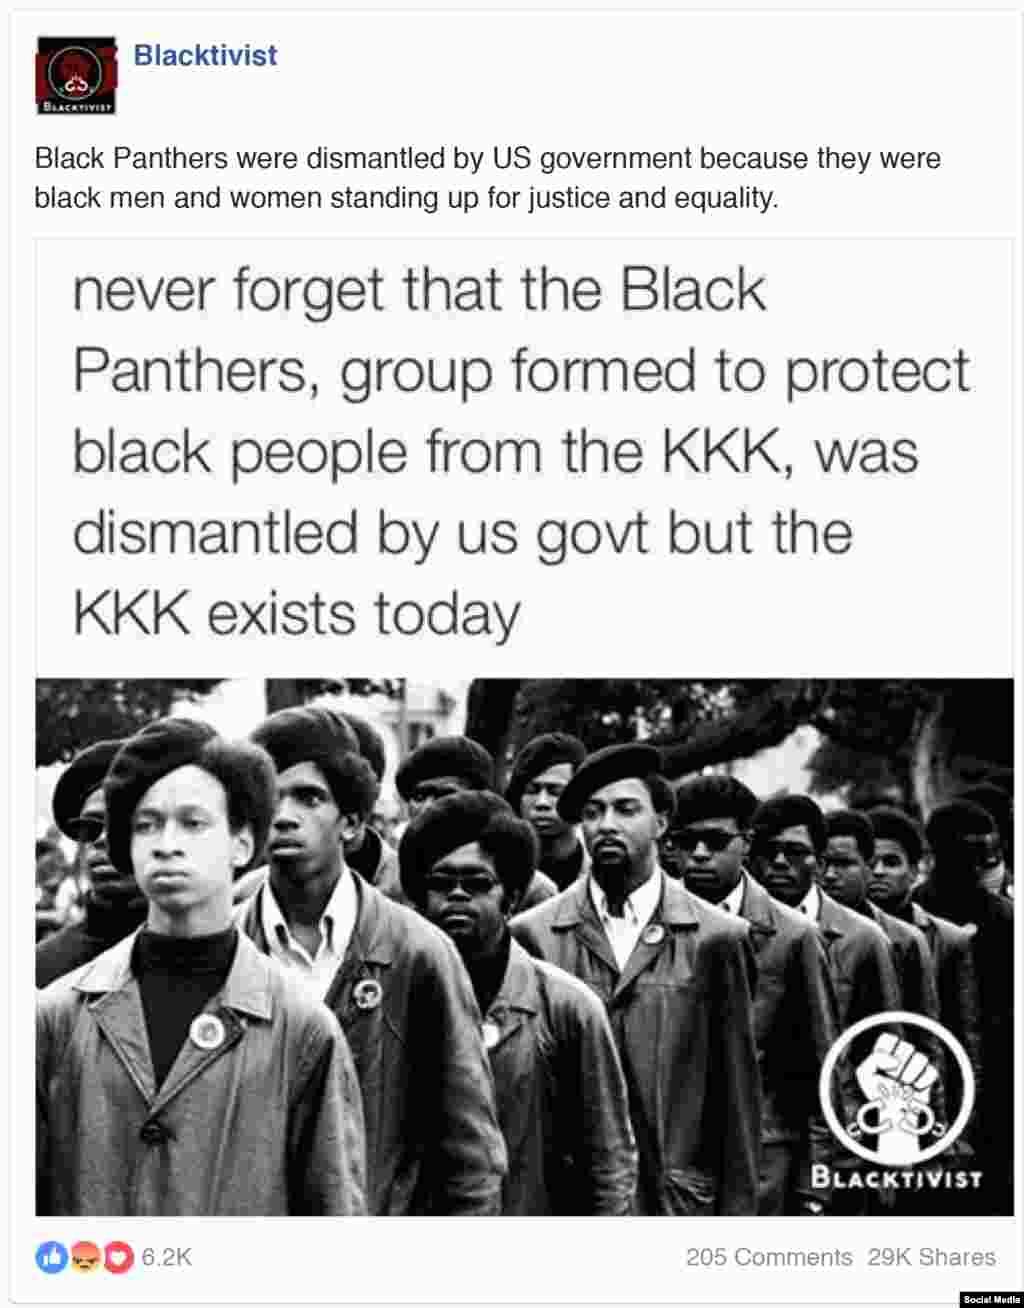 «Черные пантеры»(леворадикальная организация. – РС) были расформированы правительством США, потому что они состояли из черных мужчин и женщин, которые выступали за справедливость и равноправие, – утверждает этот пост. – «Черных пантер» расформировали, а ККК остался».